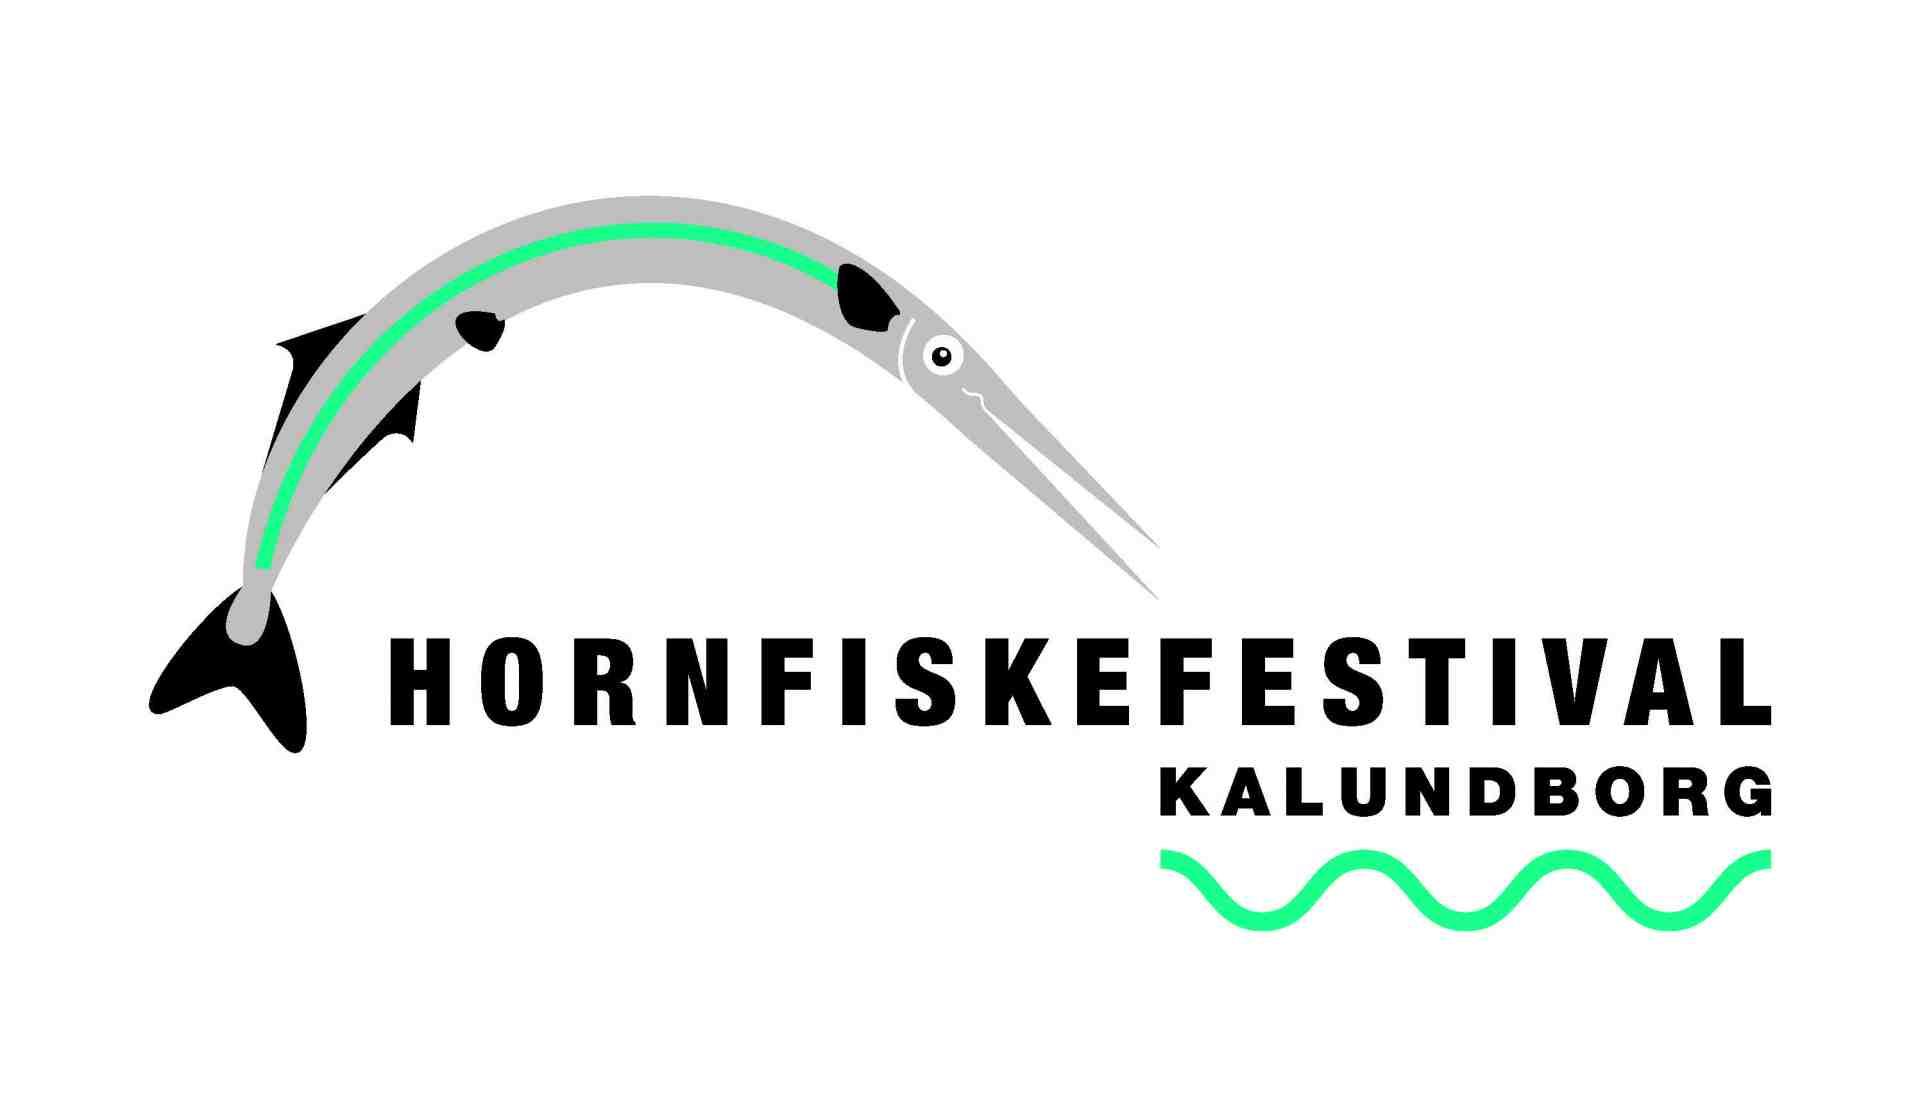 hornfiskefestival_logo